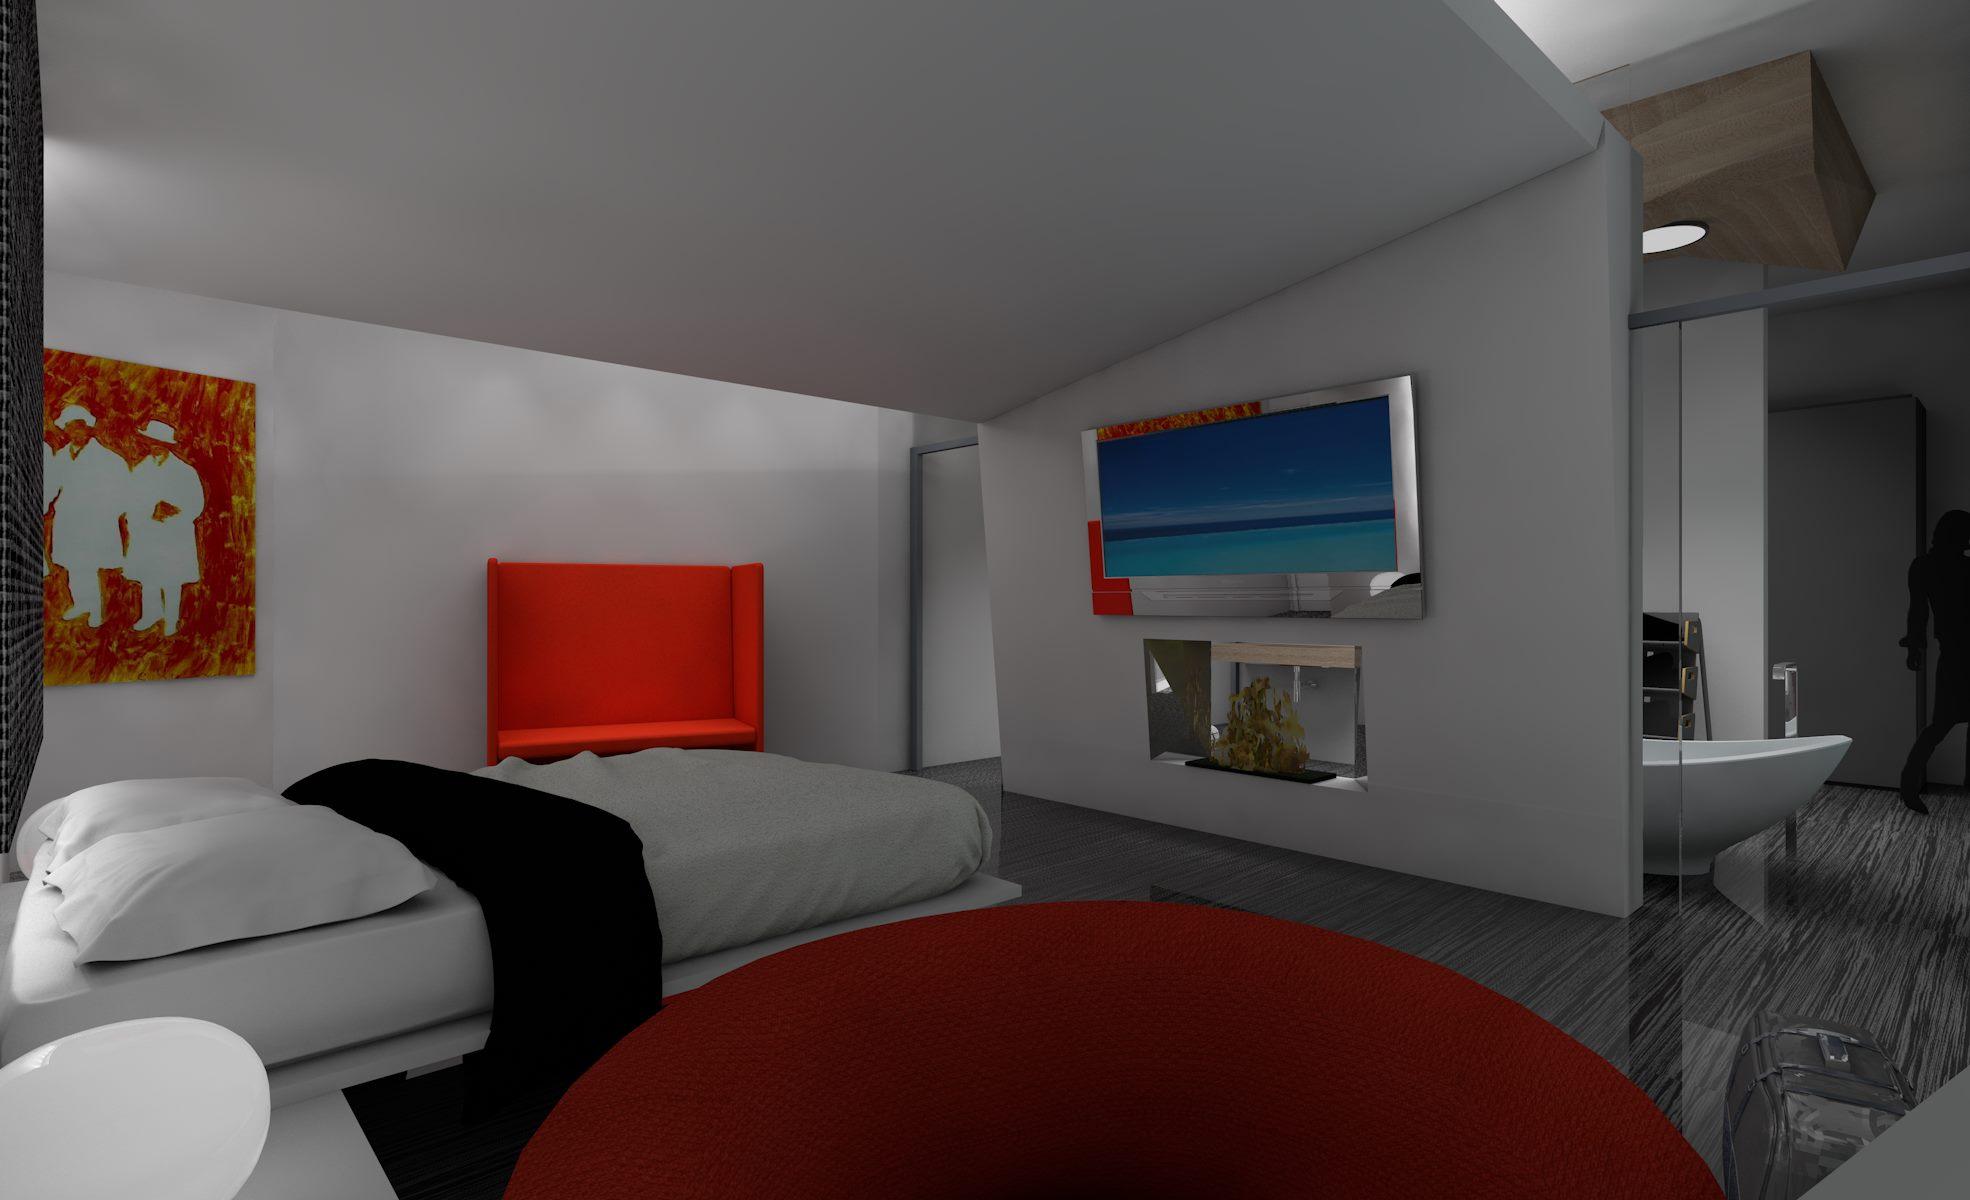 Arredamento casa idee e tendenze di arredamento progetto arredamento camera hotel - Idee arredamento casa ...